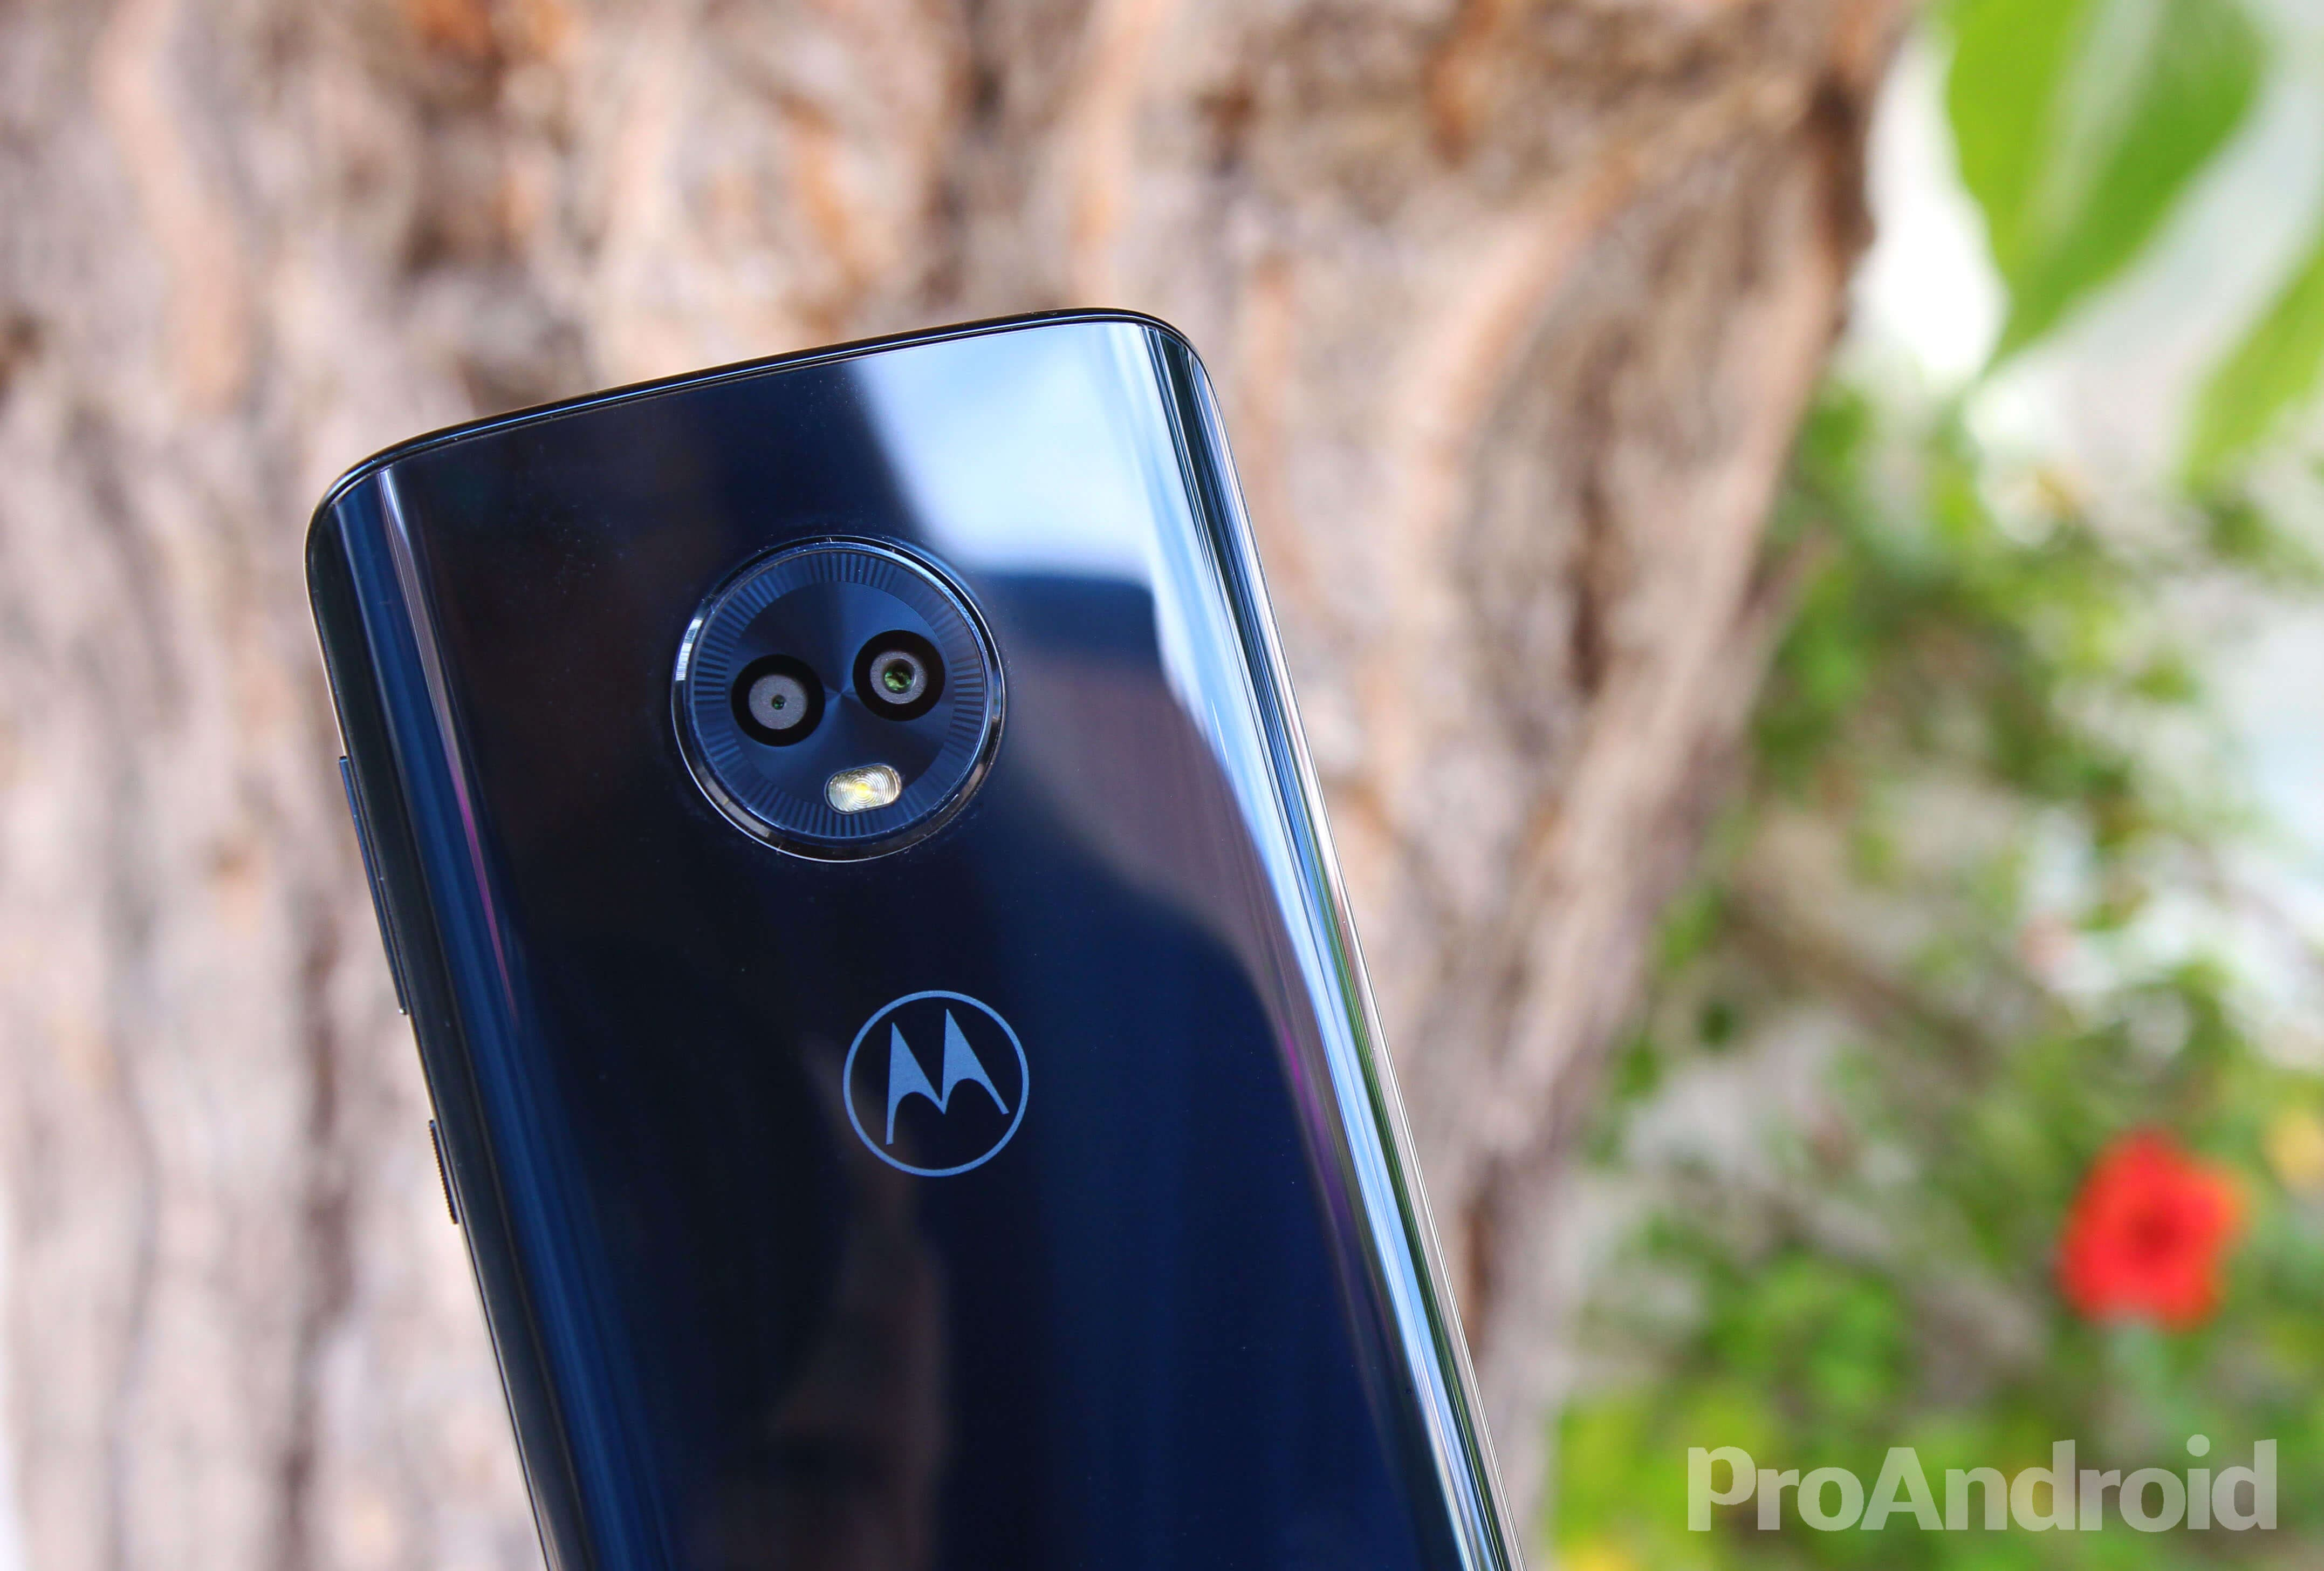 La primera oferta del Motorola Moto G6 Plus ya disponible con el precio más bajo